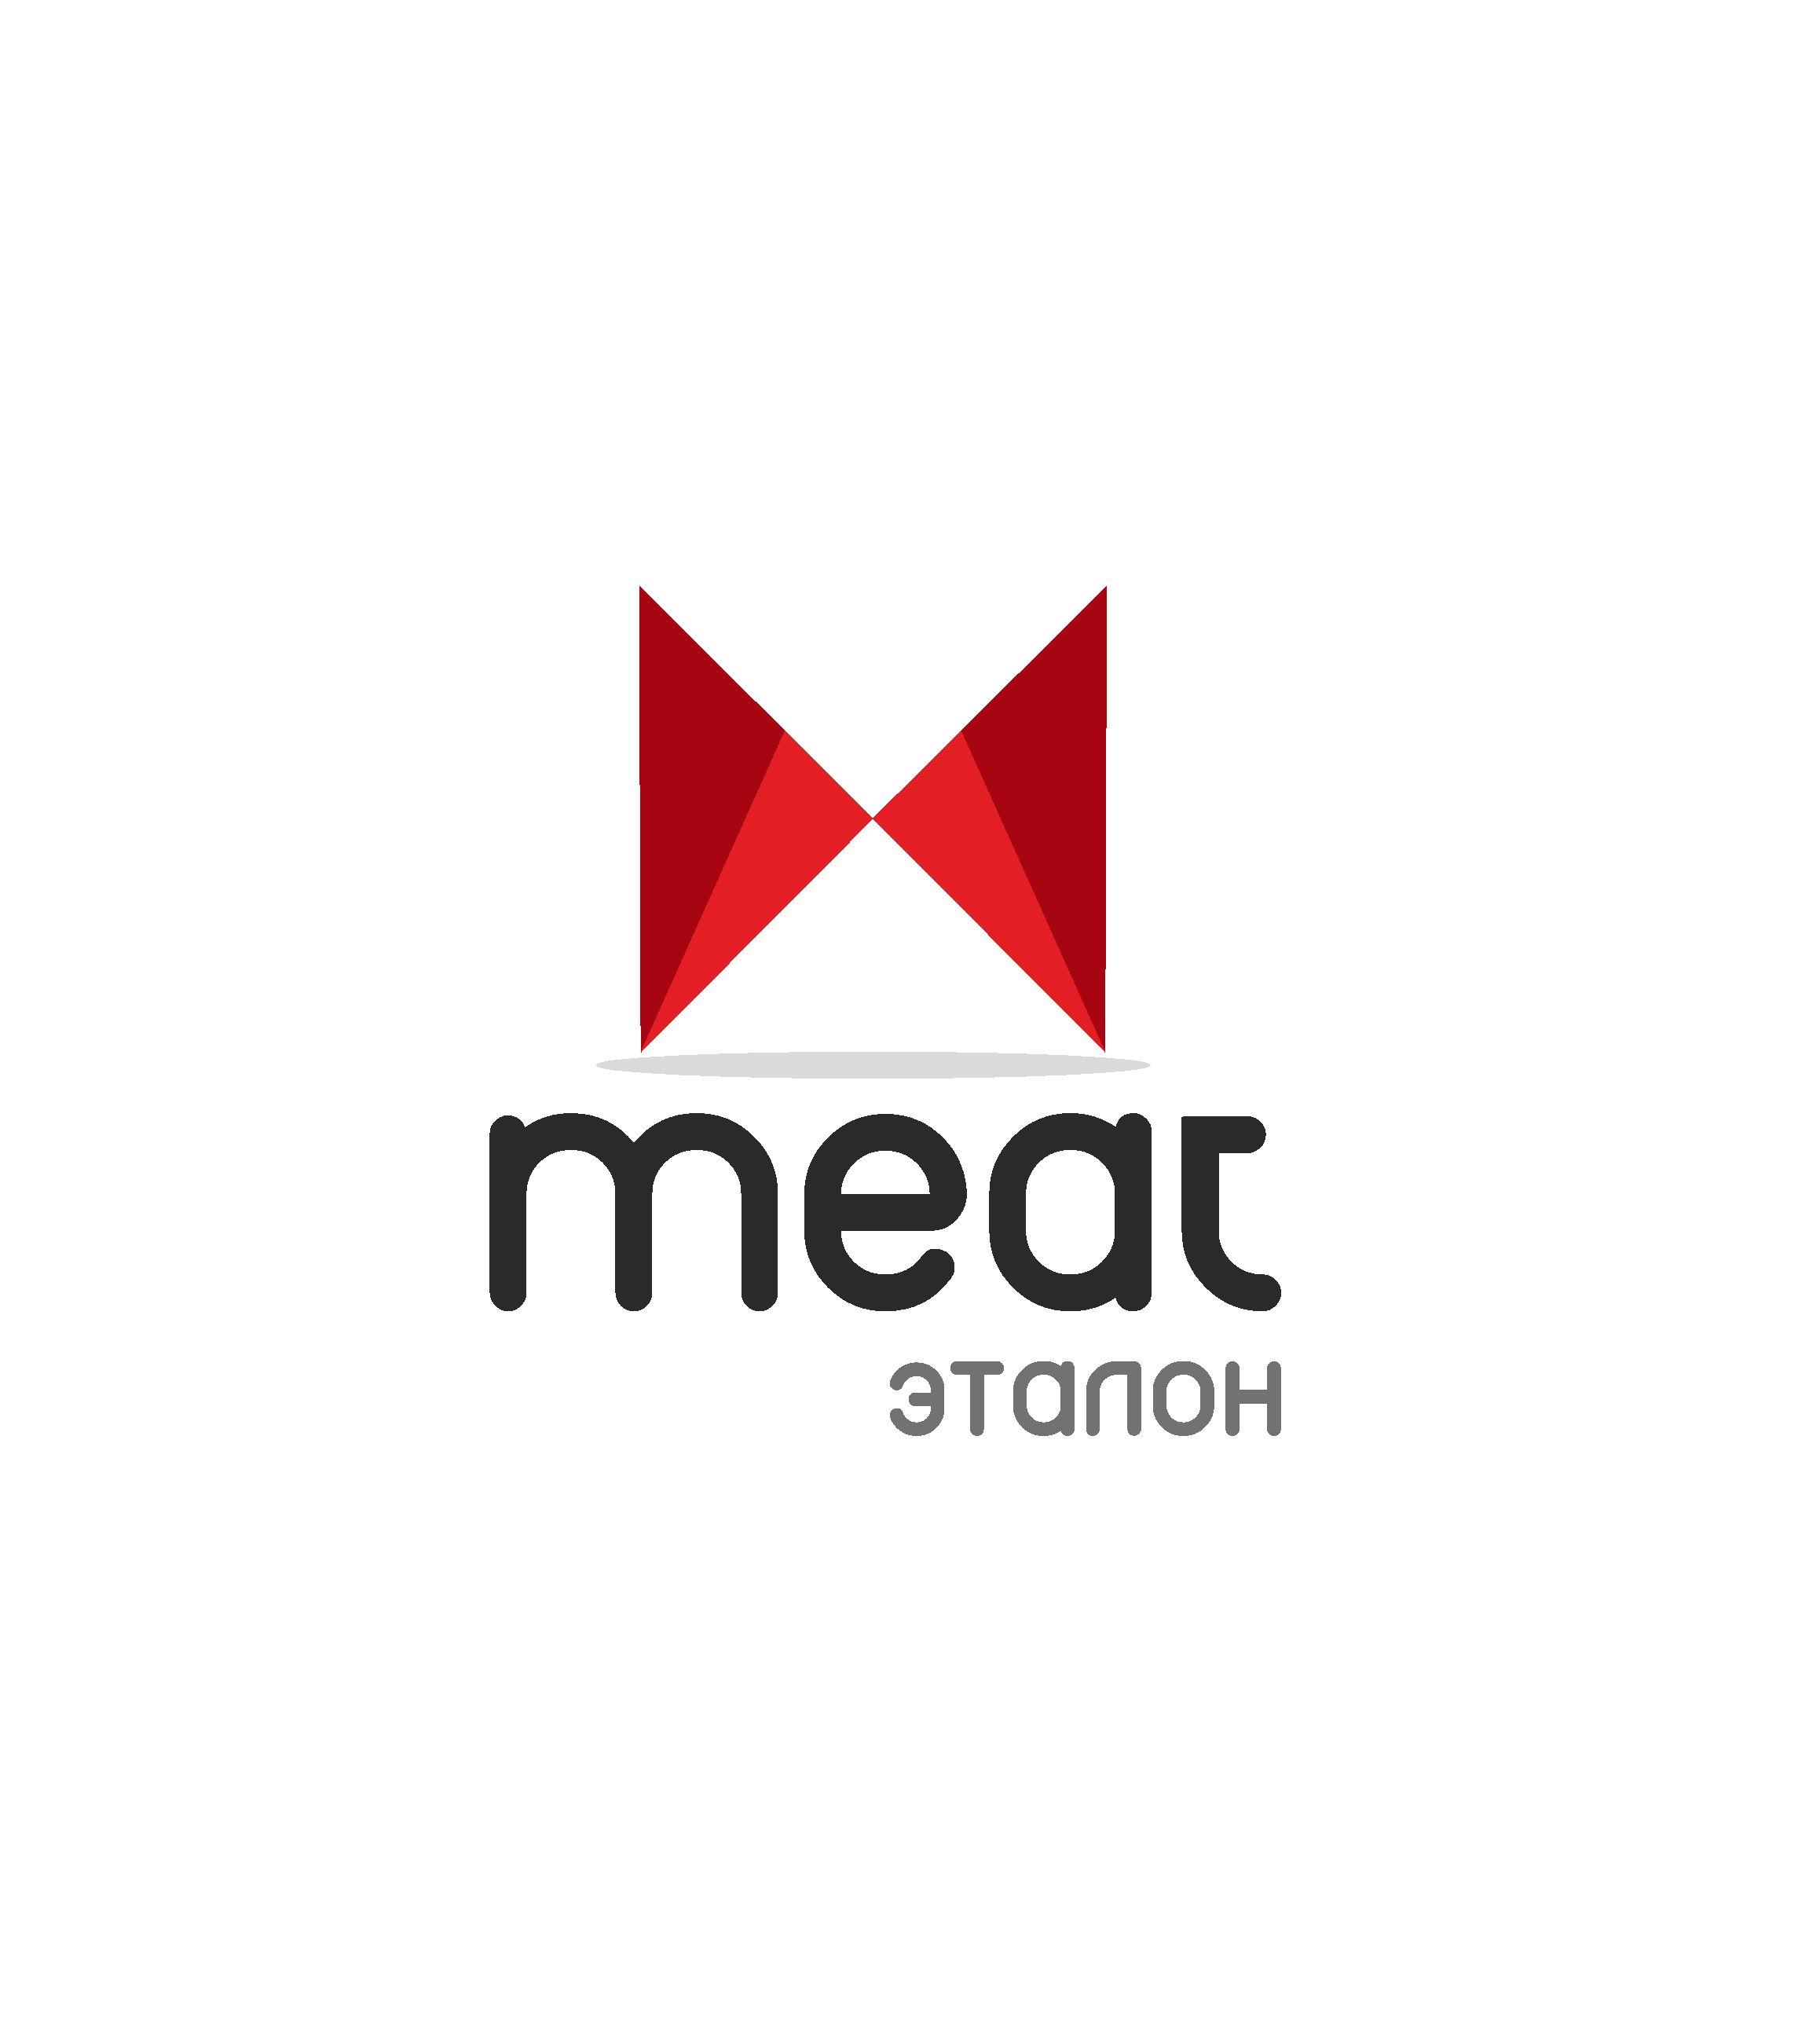 Логотип компании «Meat эталон» фото f_03356fac67e56417.jpg